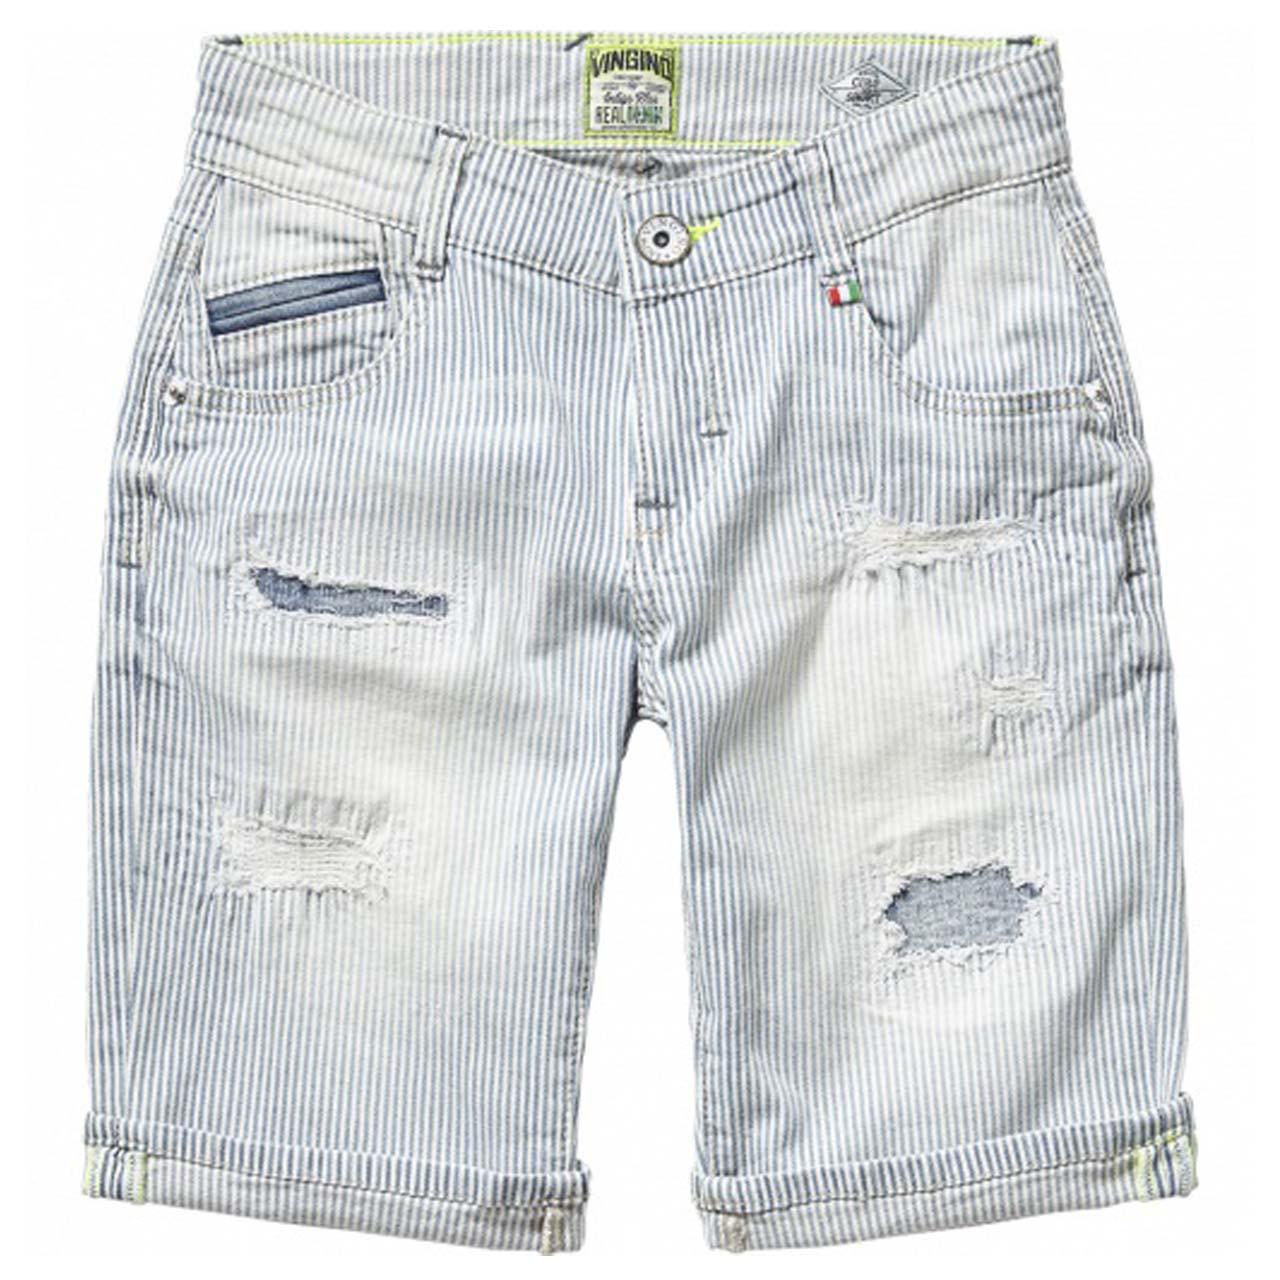 b7b8b4cfe6c186 Vingino boys Ciro Jeans - Korte broek - Broeken - Jongens - Irma Mode